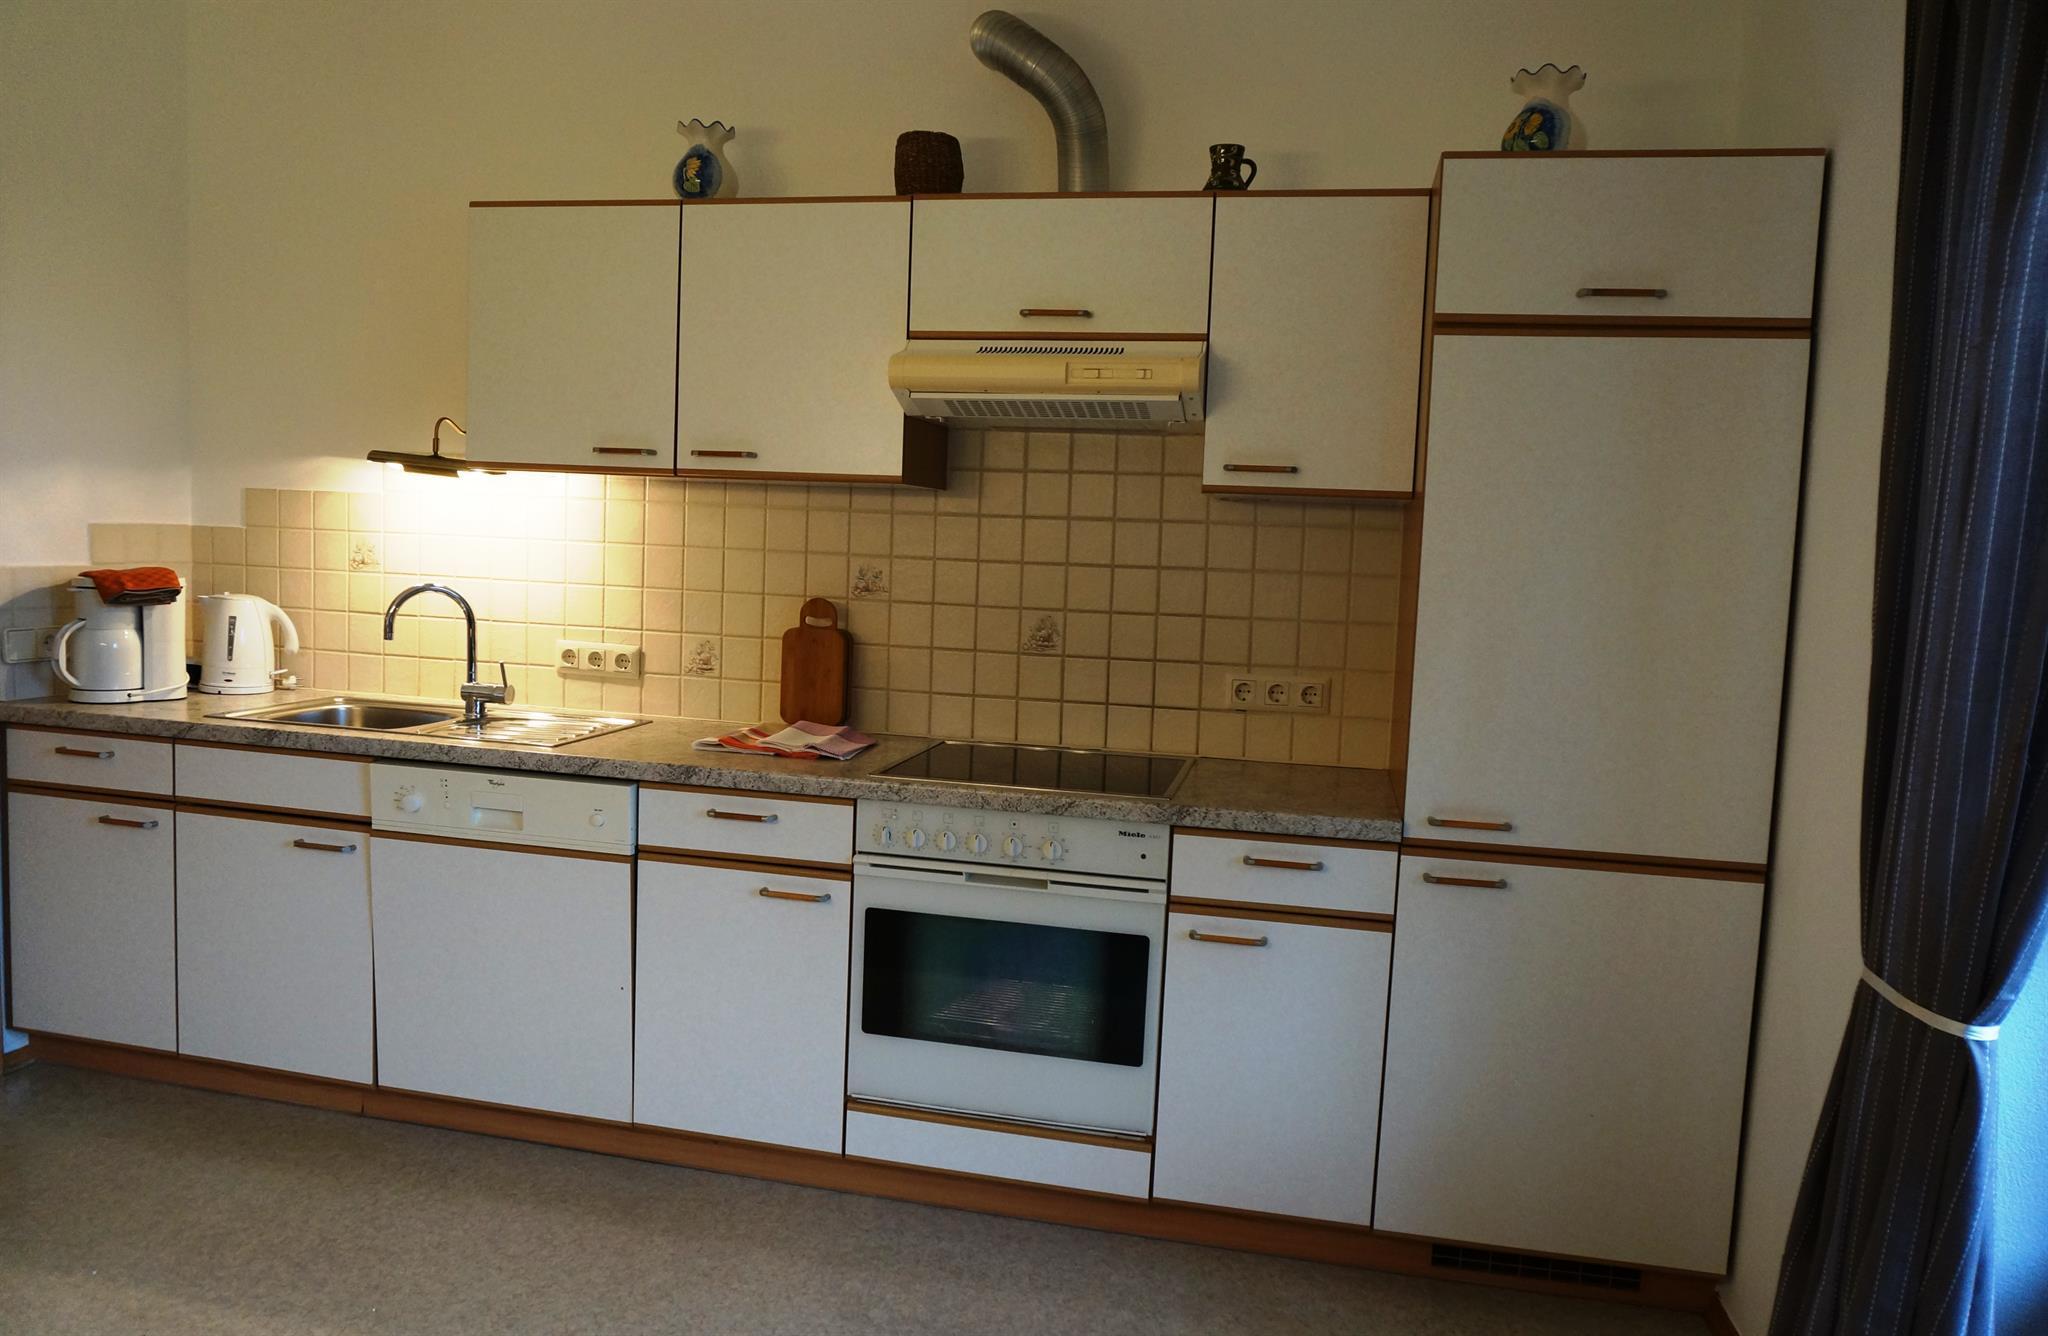 Ferienwohnung HERNLER Apartments Appartement/Fewo (2591678), Villach, Villach, Kärnten, Österreich, Bild 11